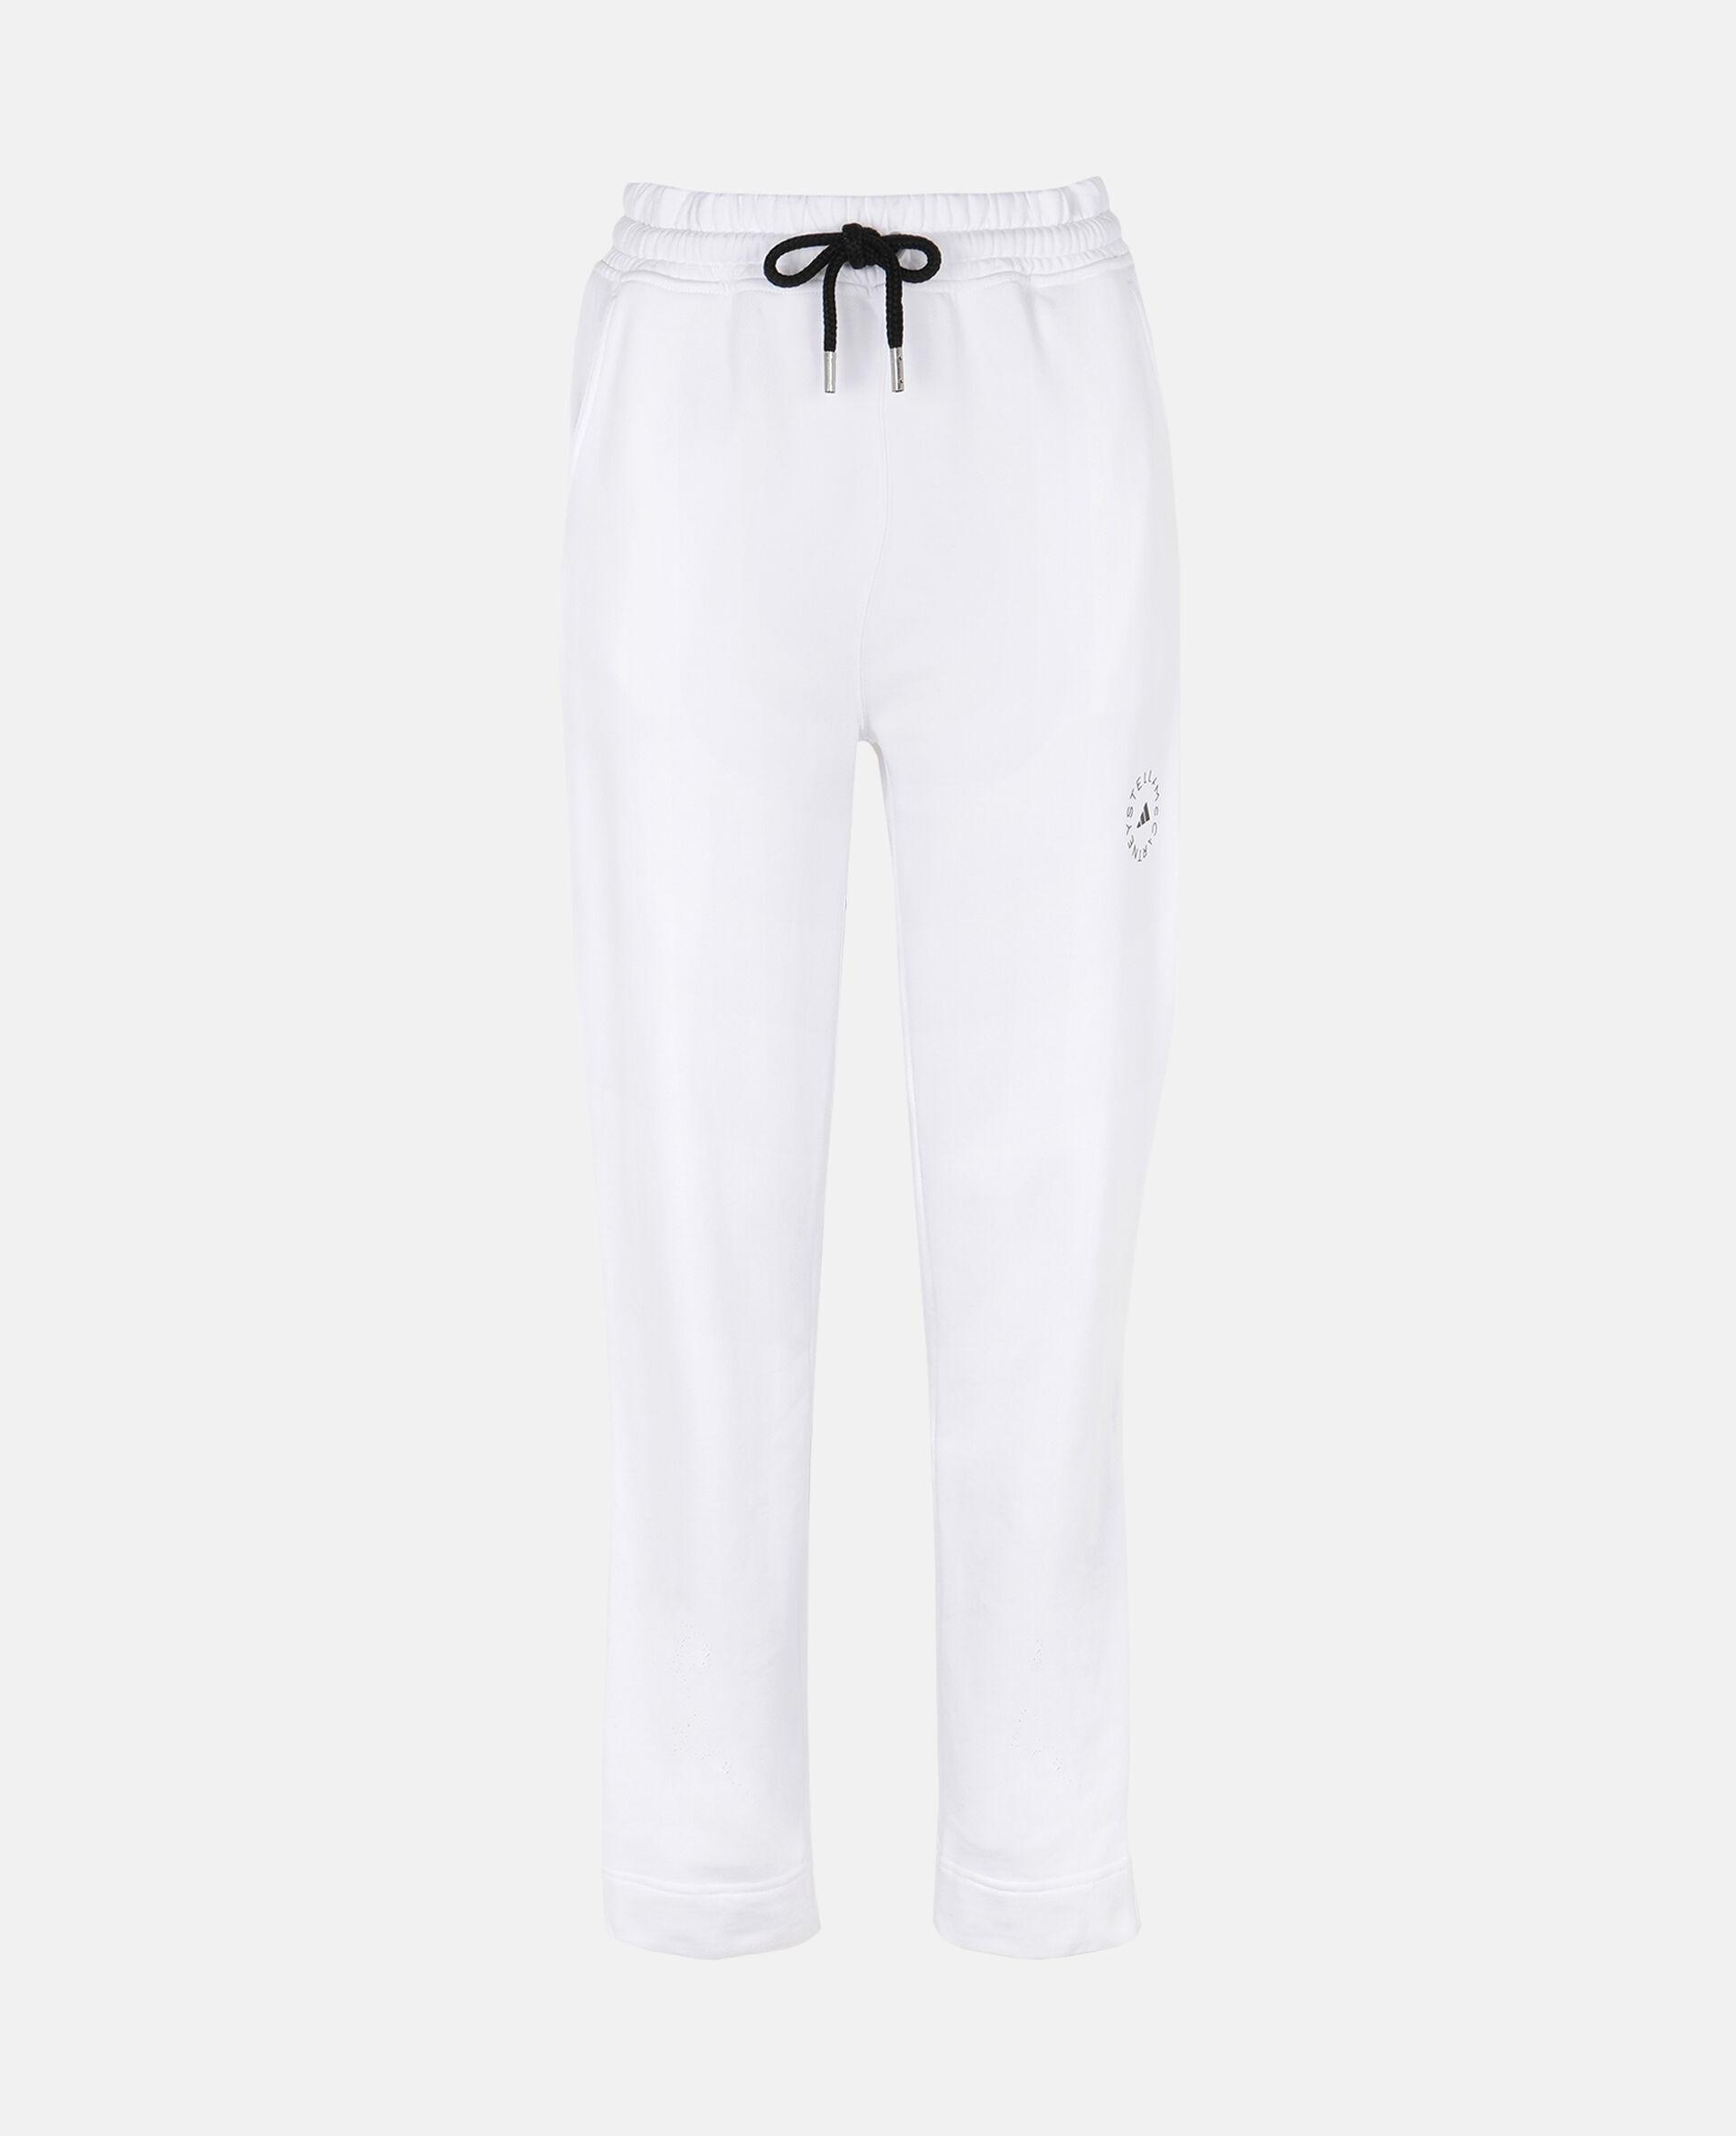 White Training Sweatpants -White-large image number 0